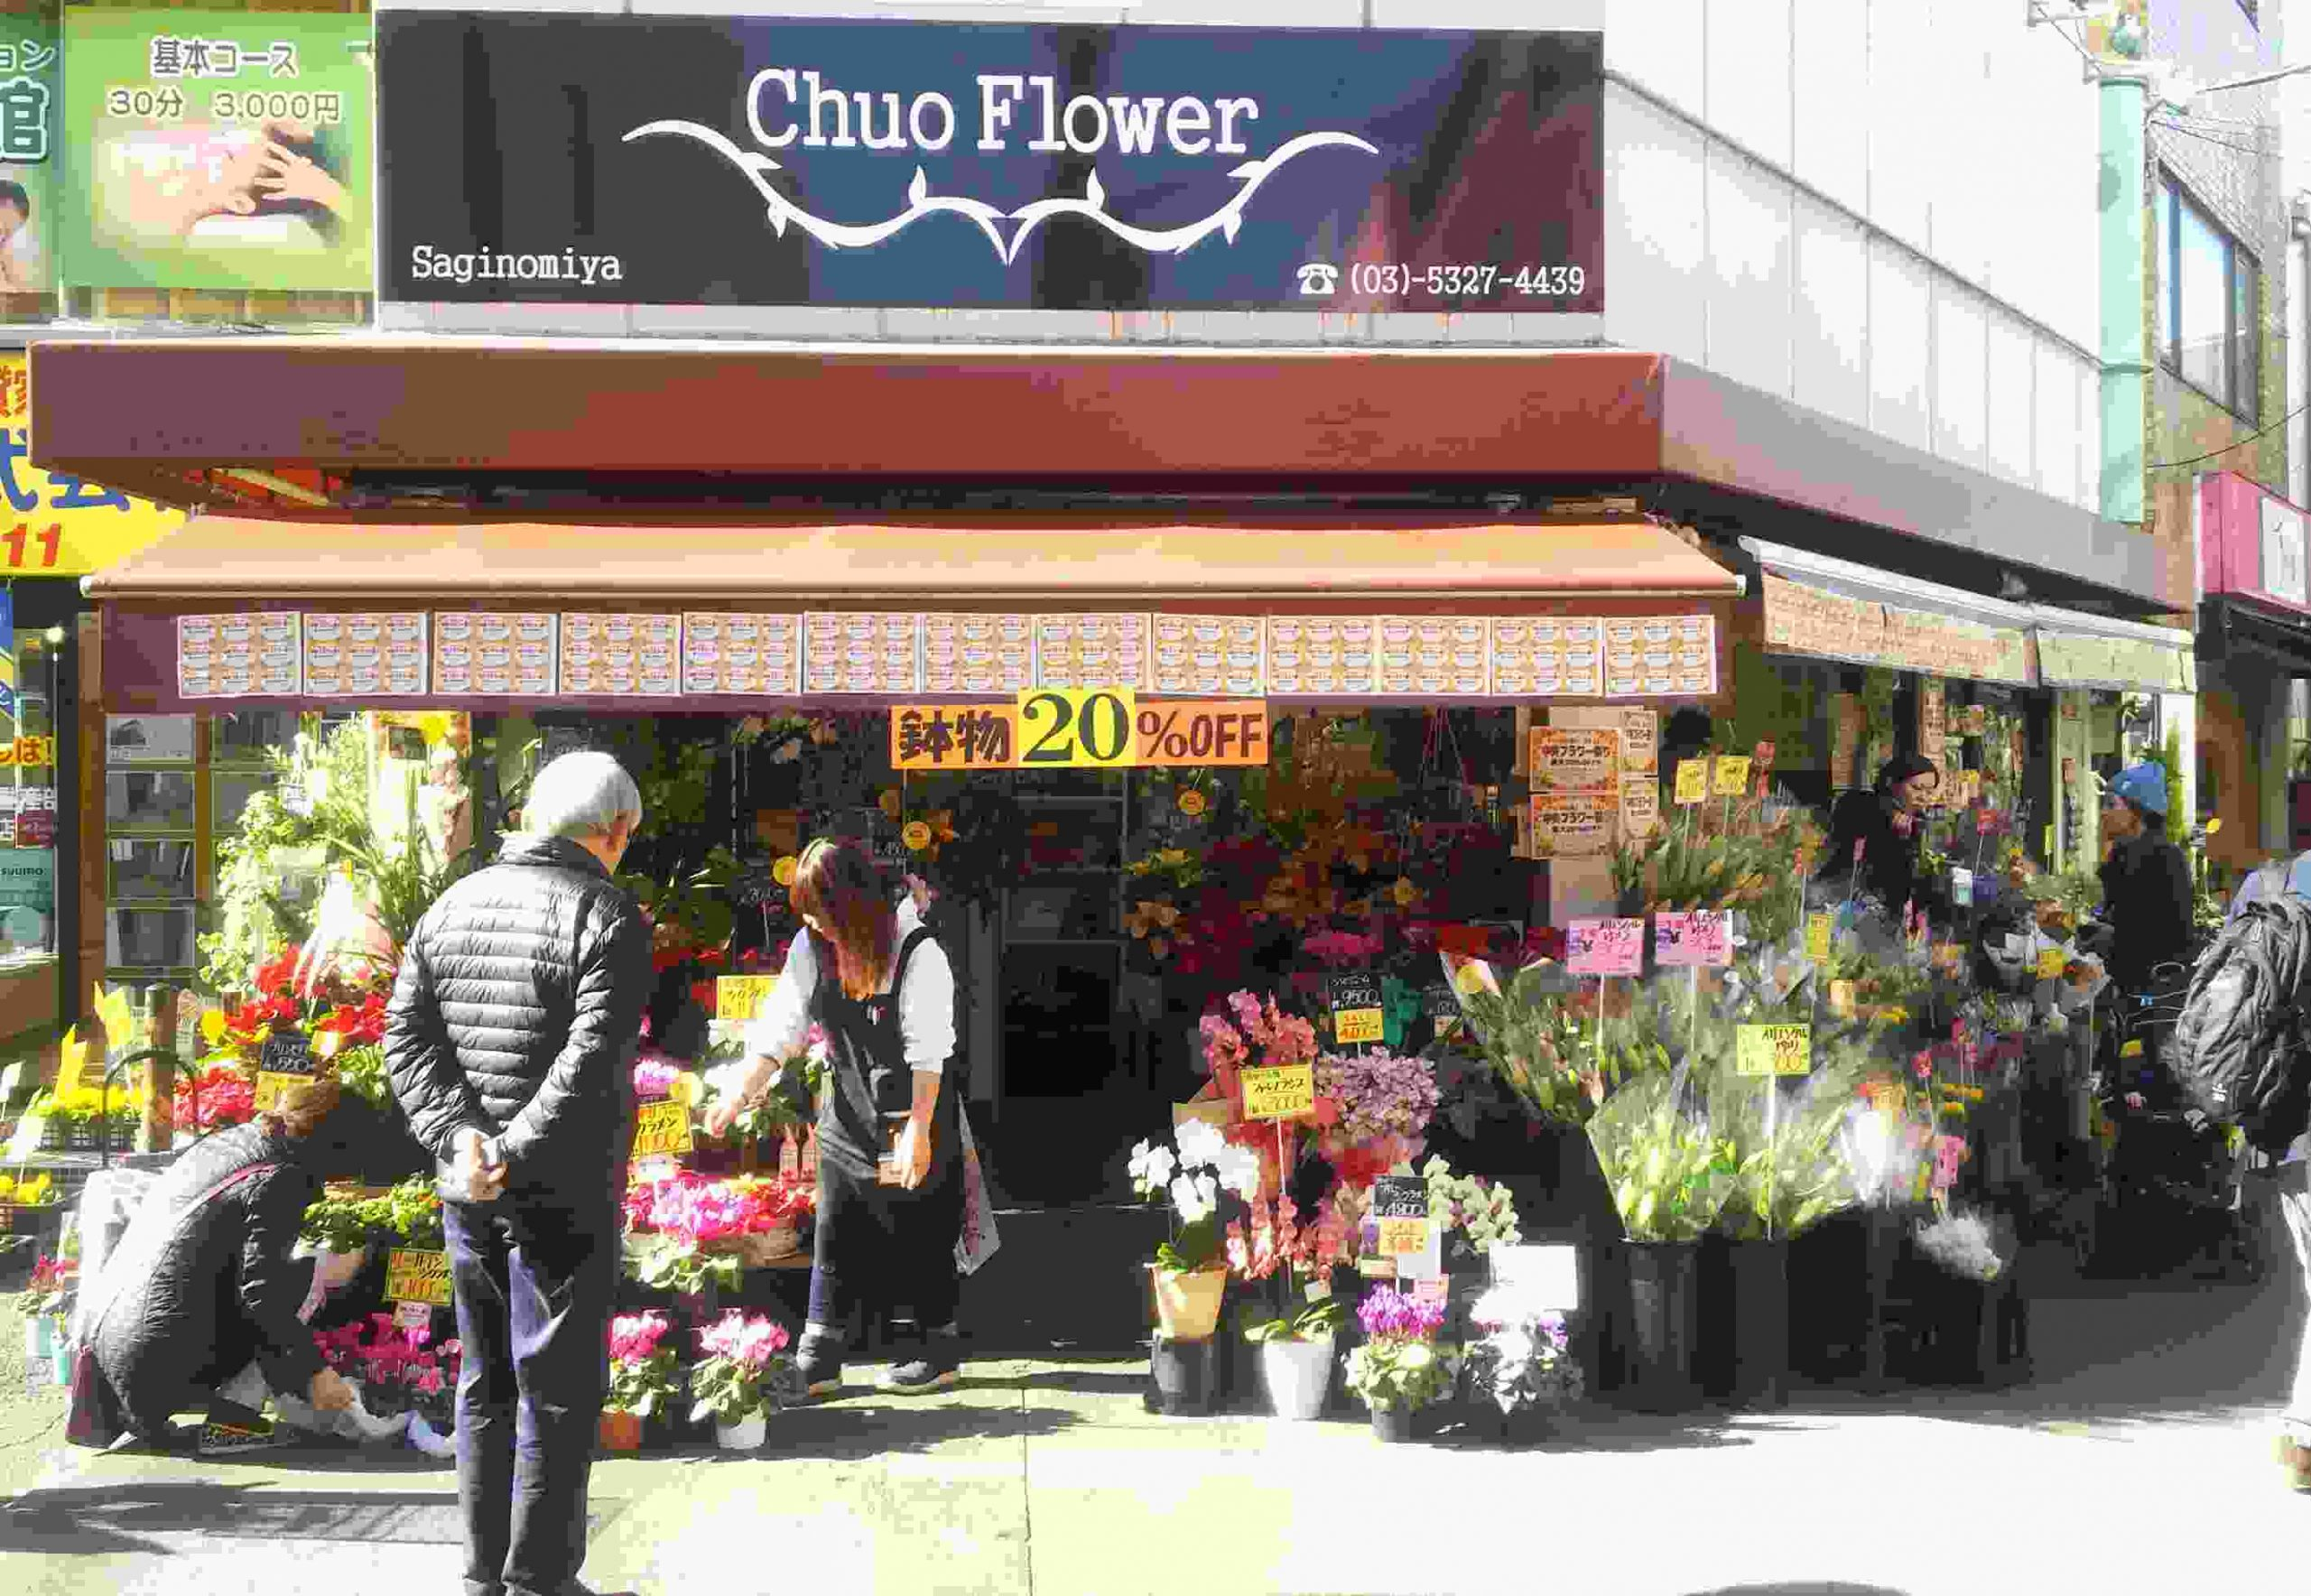 株式会社中央フラワー 鷺ノ宮店の写真